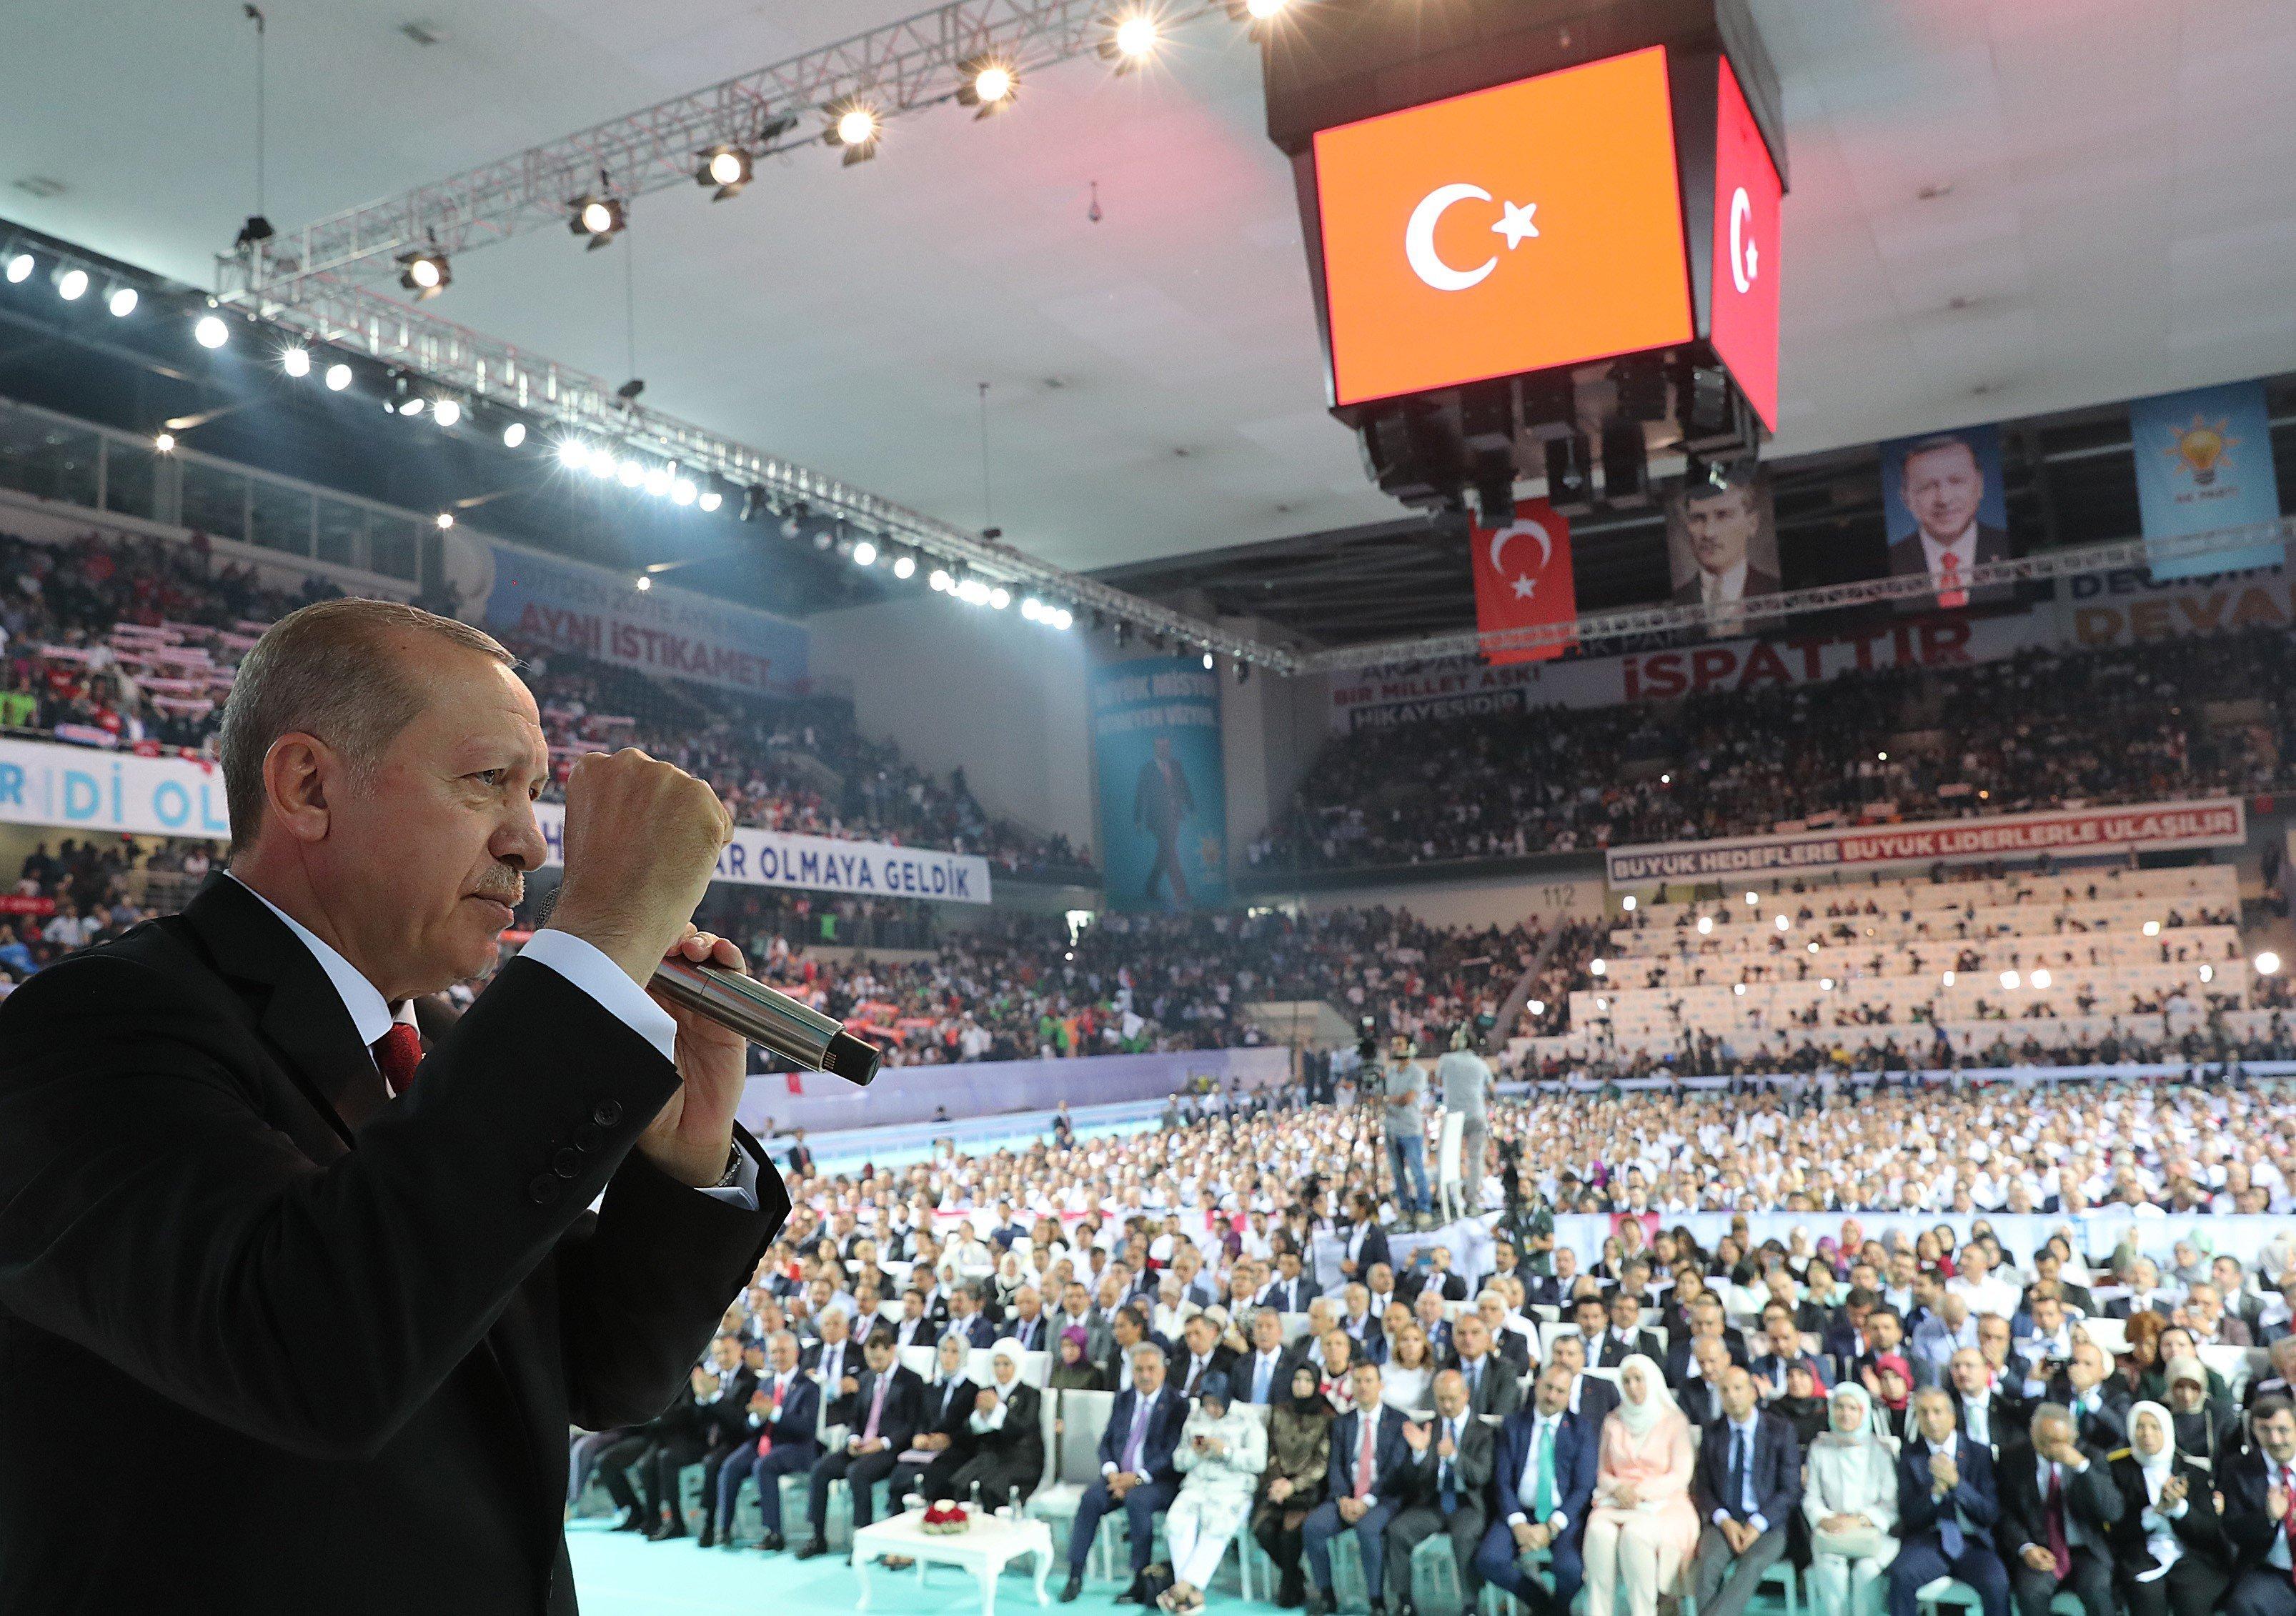 Ökonom: Erdogan provoziert nach der wirtschaftlichen eine beispiellose geopolitische